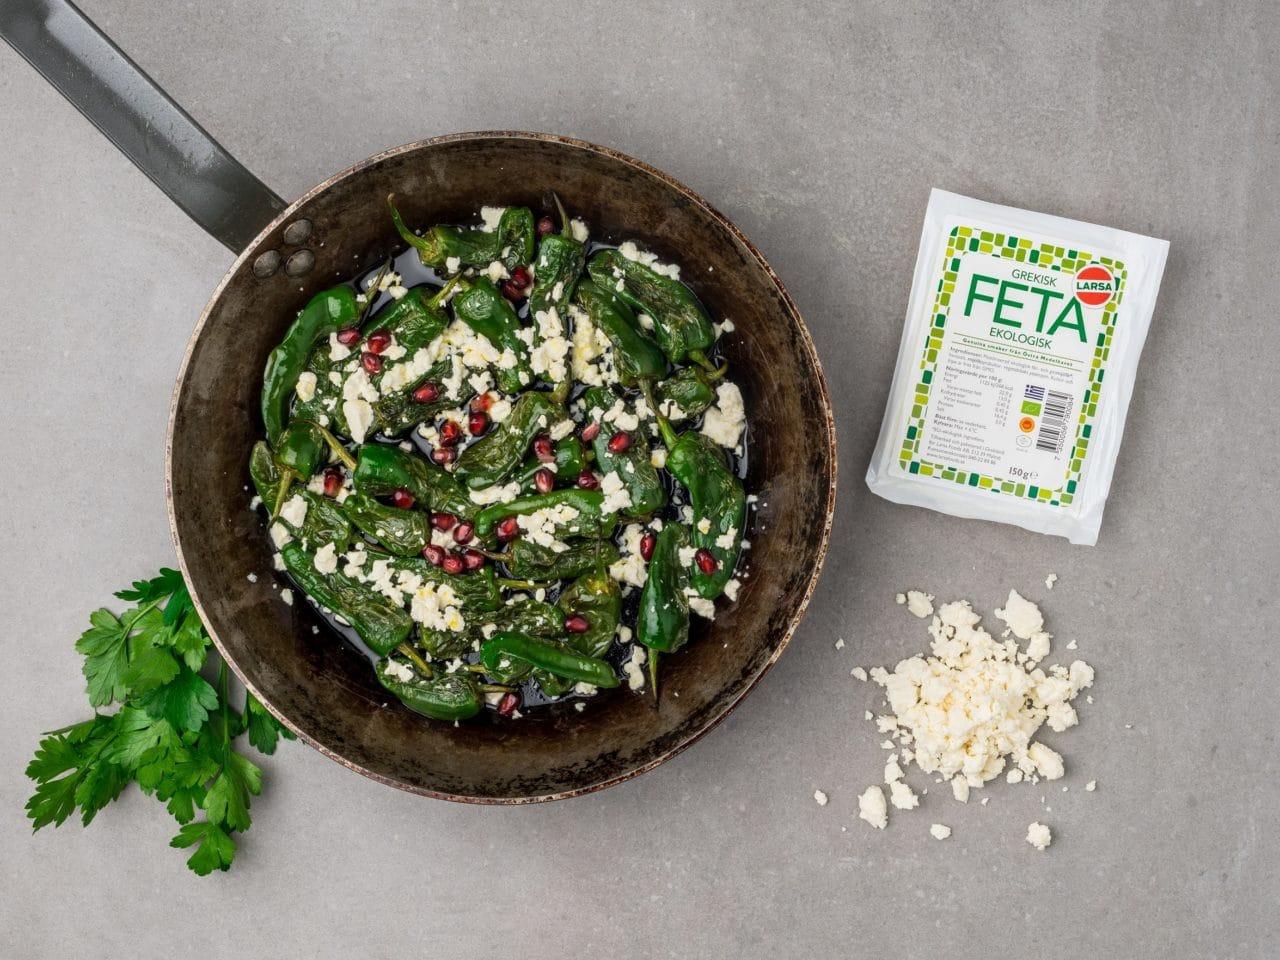 En stekpanna med stekta grönsaker och fetaost från Larsa